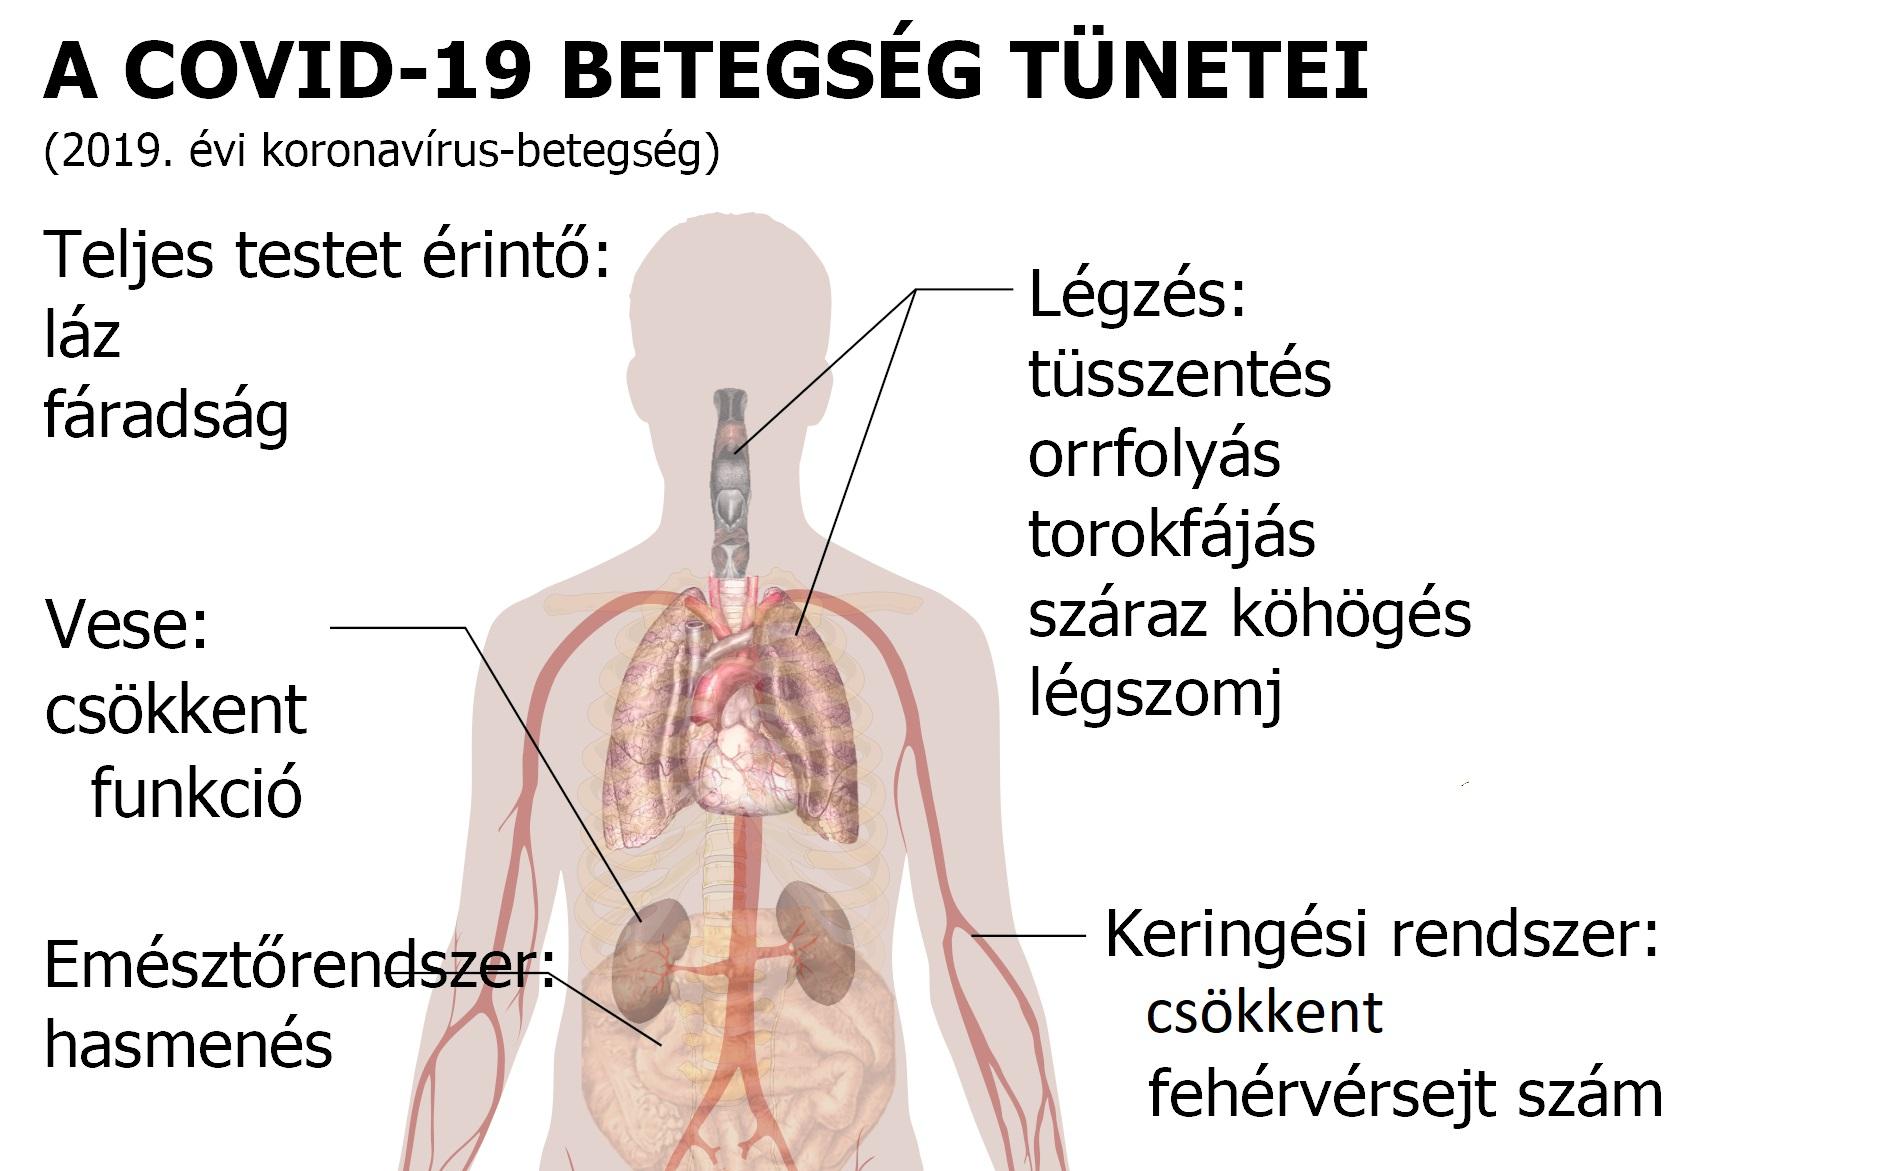 magas vérnyomás az idegek miatt IHC 2 fokozatú magas vérnyomásban